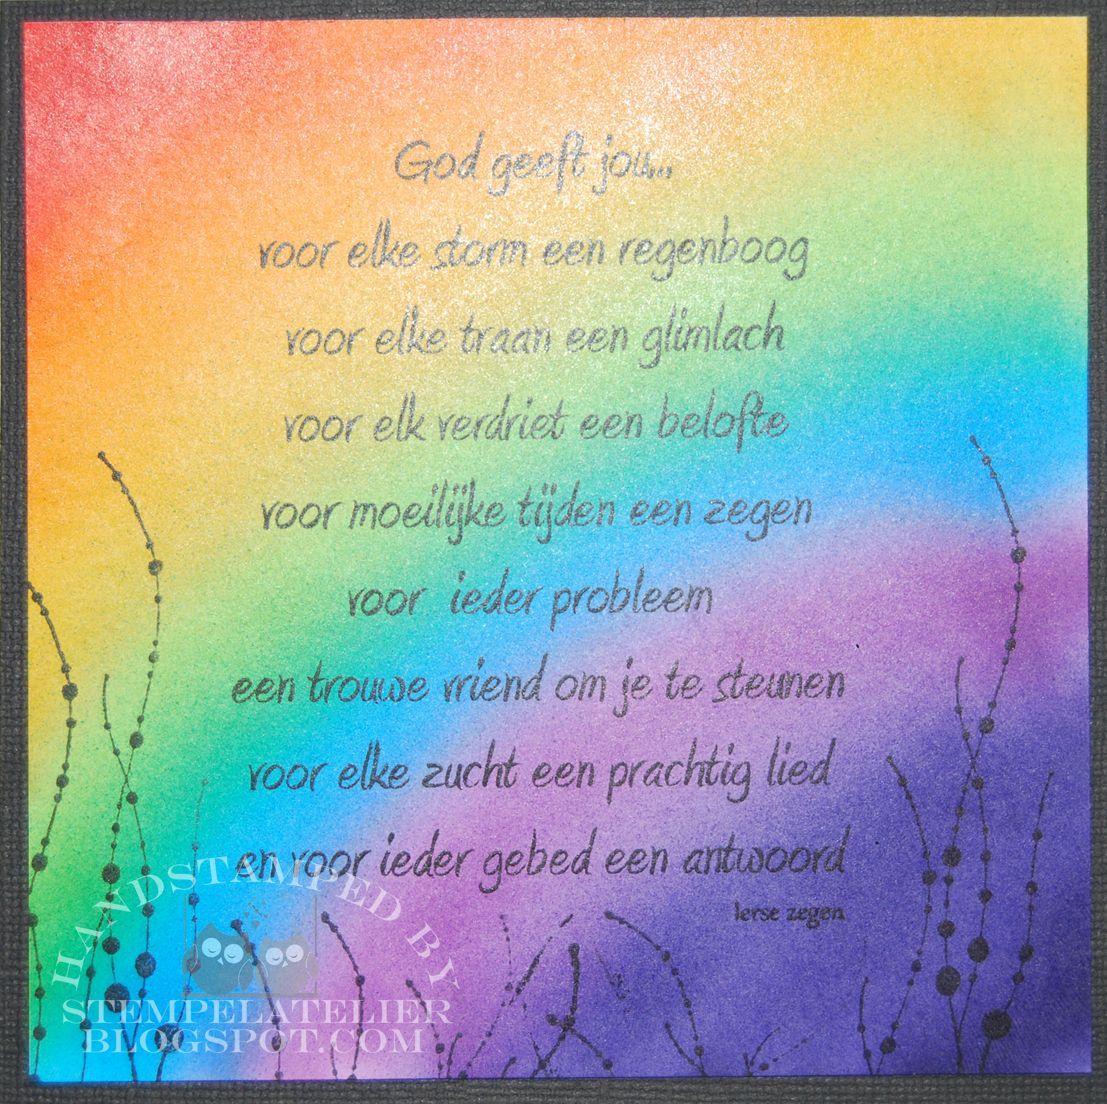 Citaten Zoeken Op Trefwoord : Gedicht regenboog christelijk google zoeken teksten